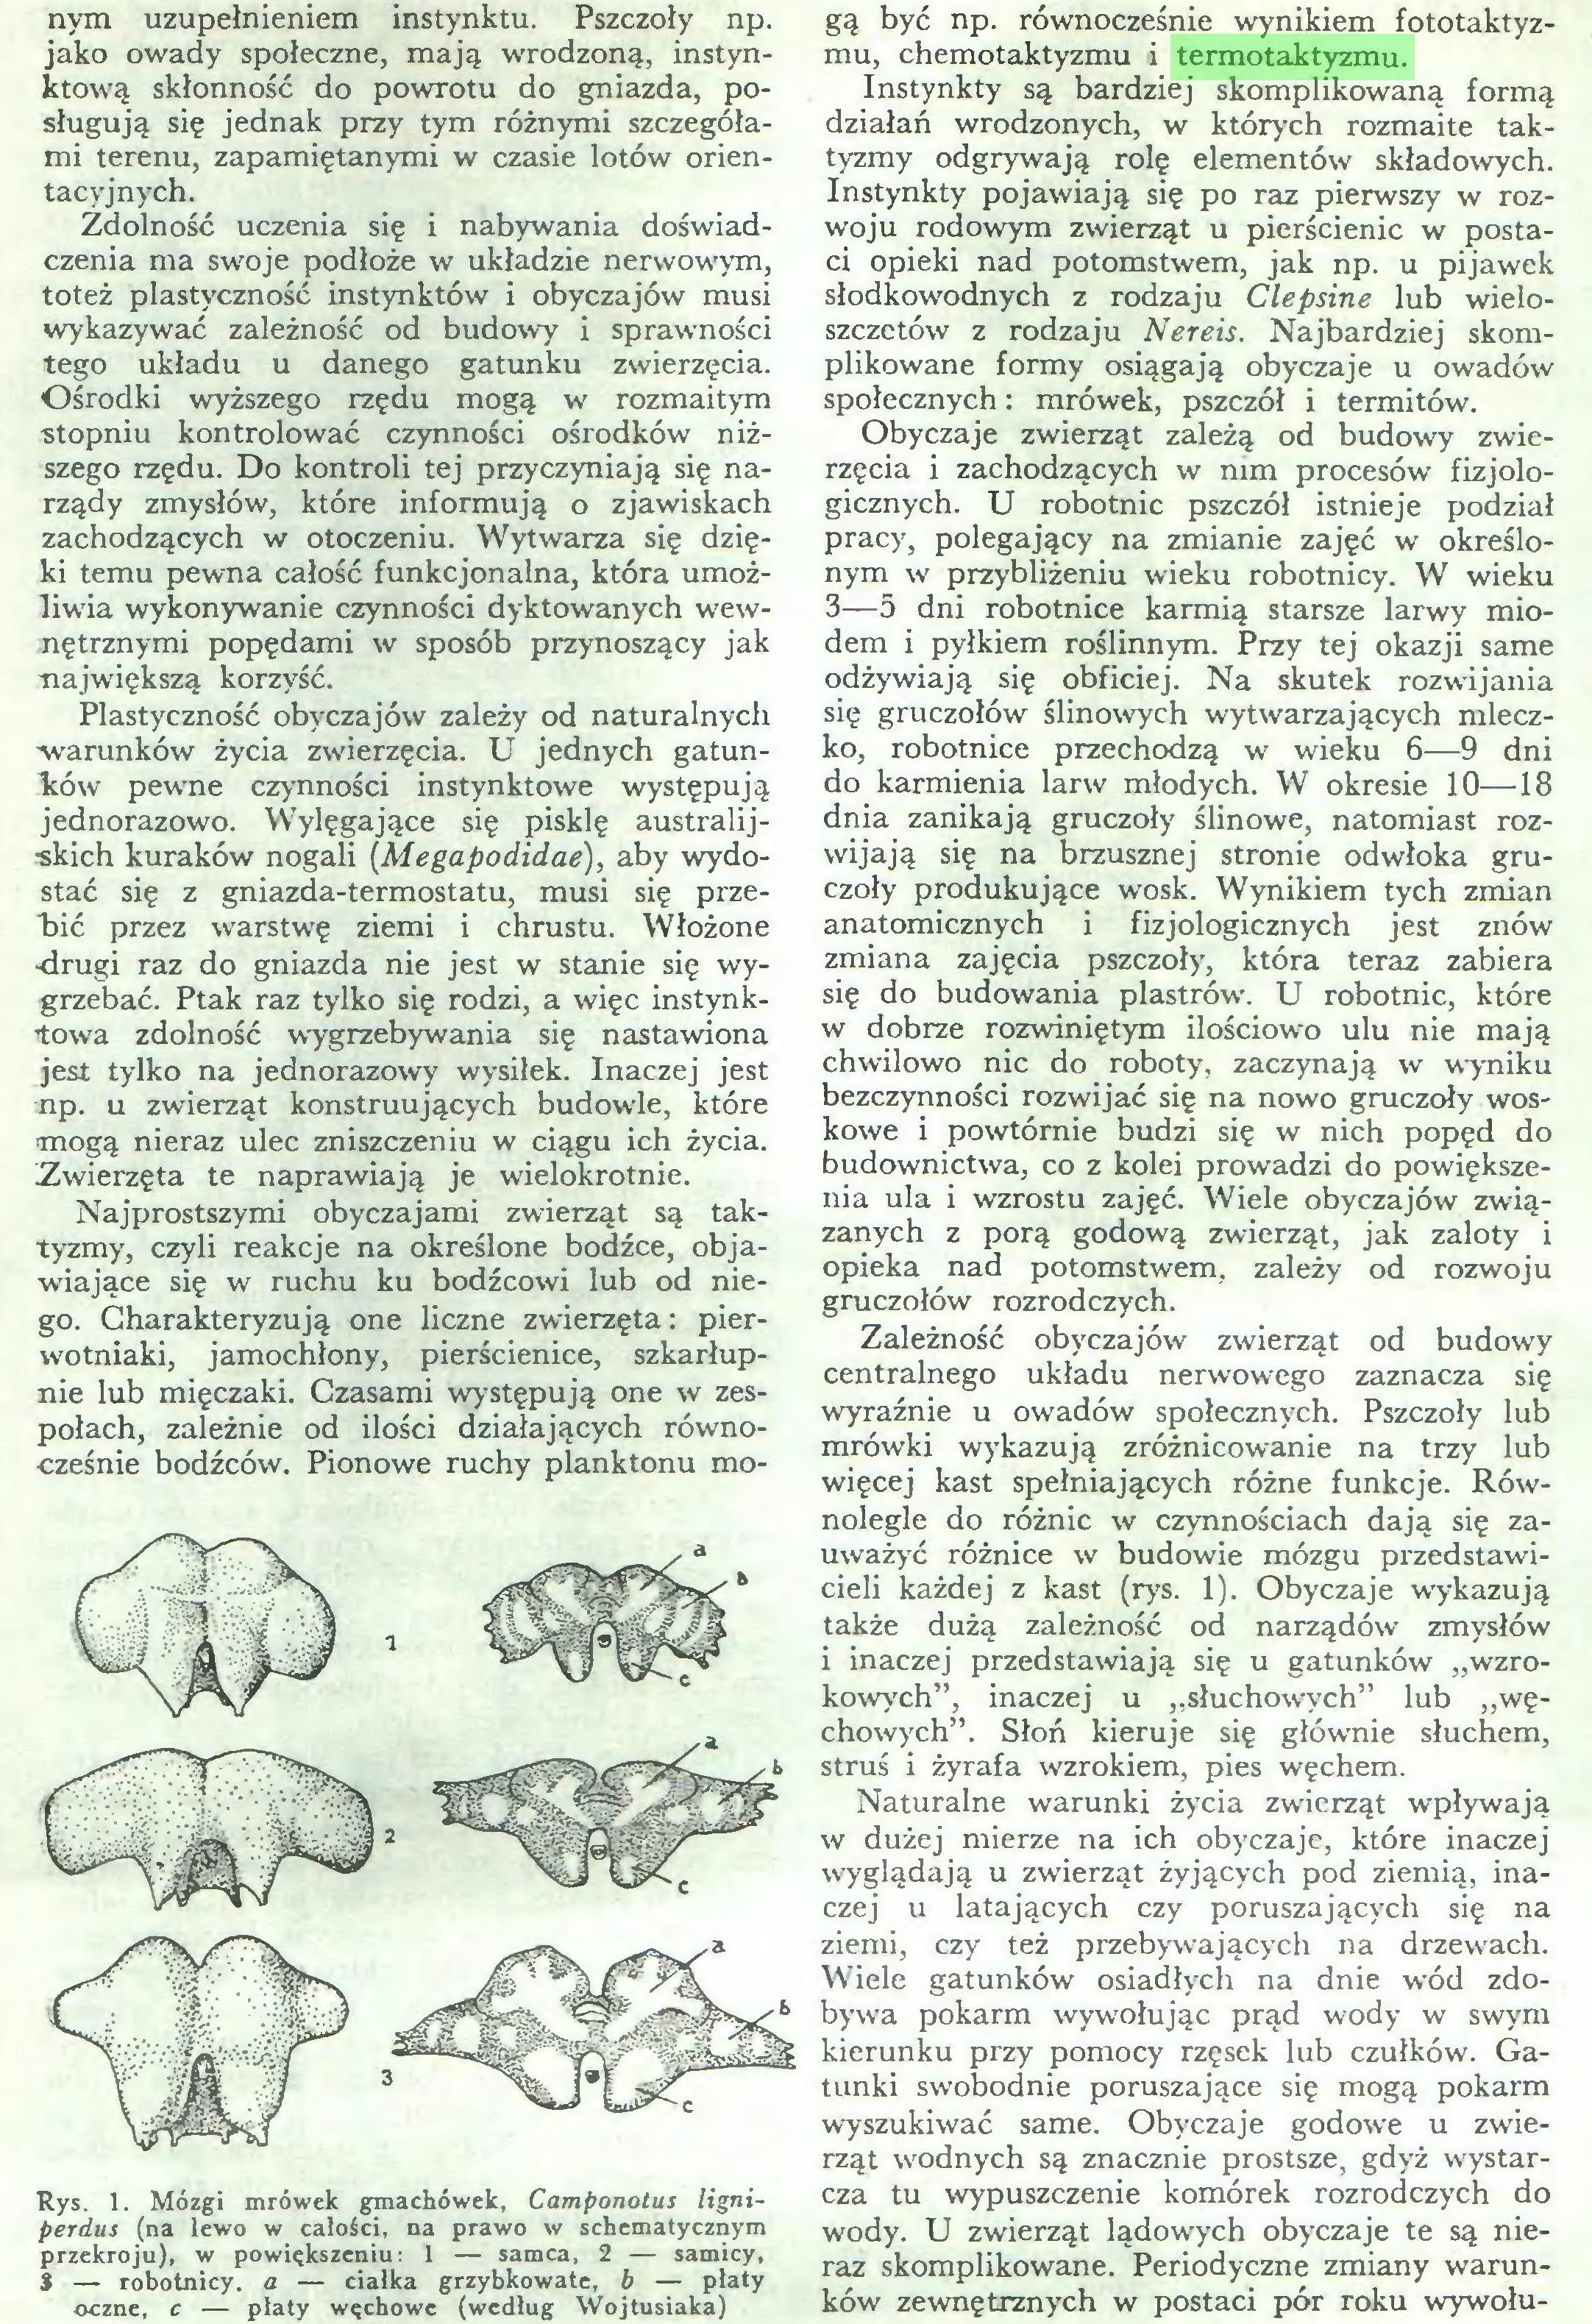 (...) Rys. 1. Mózgi mrówek gmachówek, Camponotus ligniperdus (na lewo w całości, na prawo w schematycznym przekroju), w powiększeniu: 1 — samca, 2 — samicy, 3 — robotnicy, a — ciałka grzybkowate, b — piaty oczne, c — płaty węchowe (według Wojtusiaka) gą być np. równocześnie wynikiem fototaktyzmu, chemotaktyzmu i termotaktyzmu...